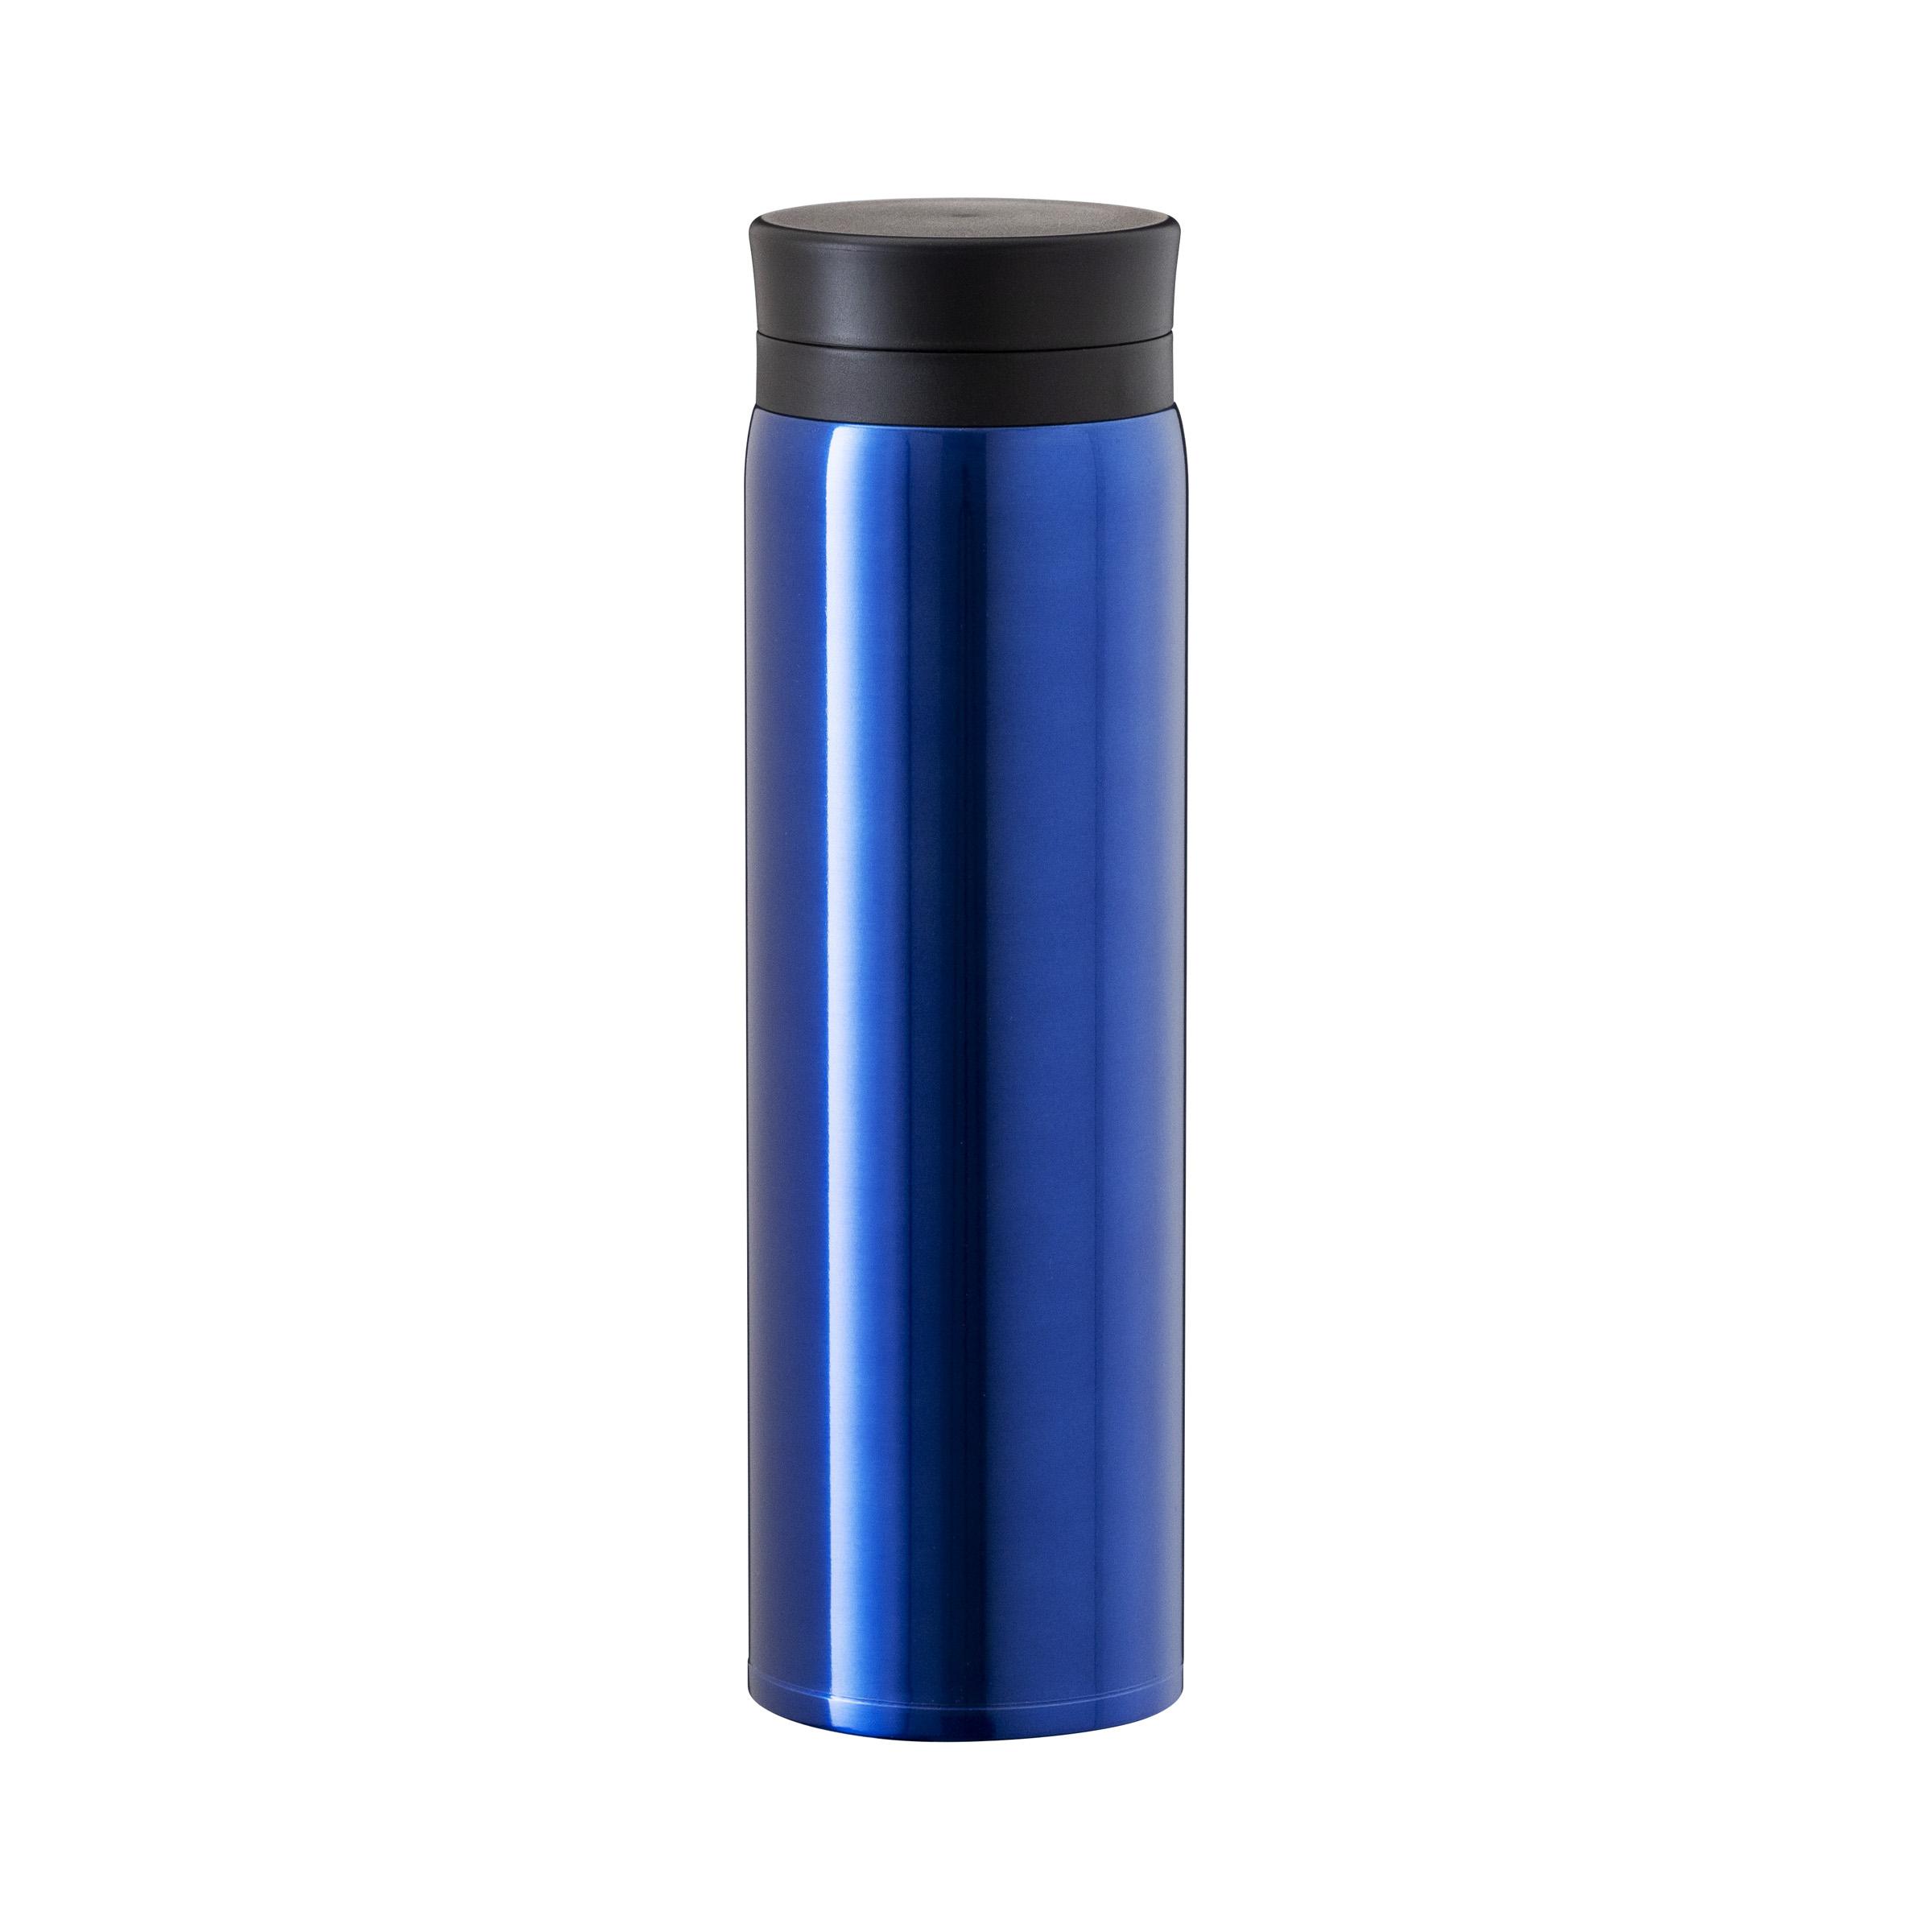 軽量ステンレスマグボトル 680ml ブルー